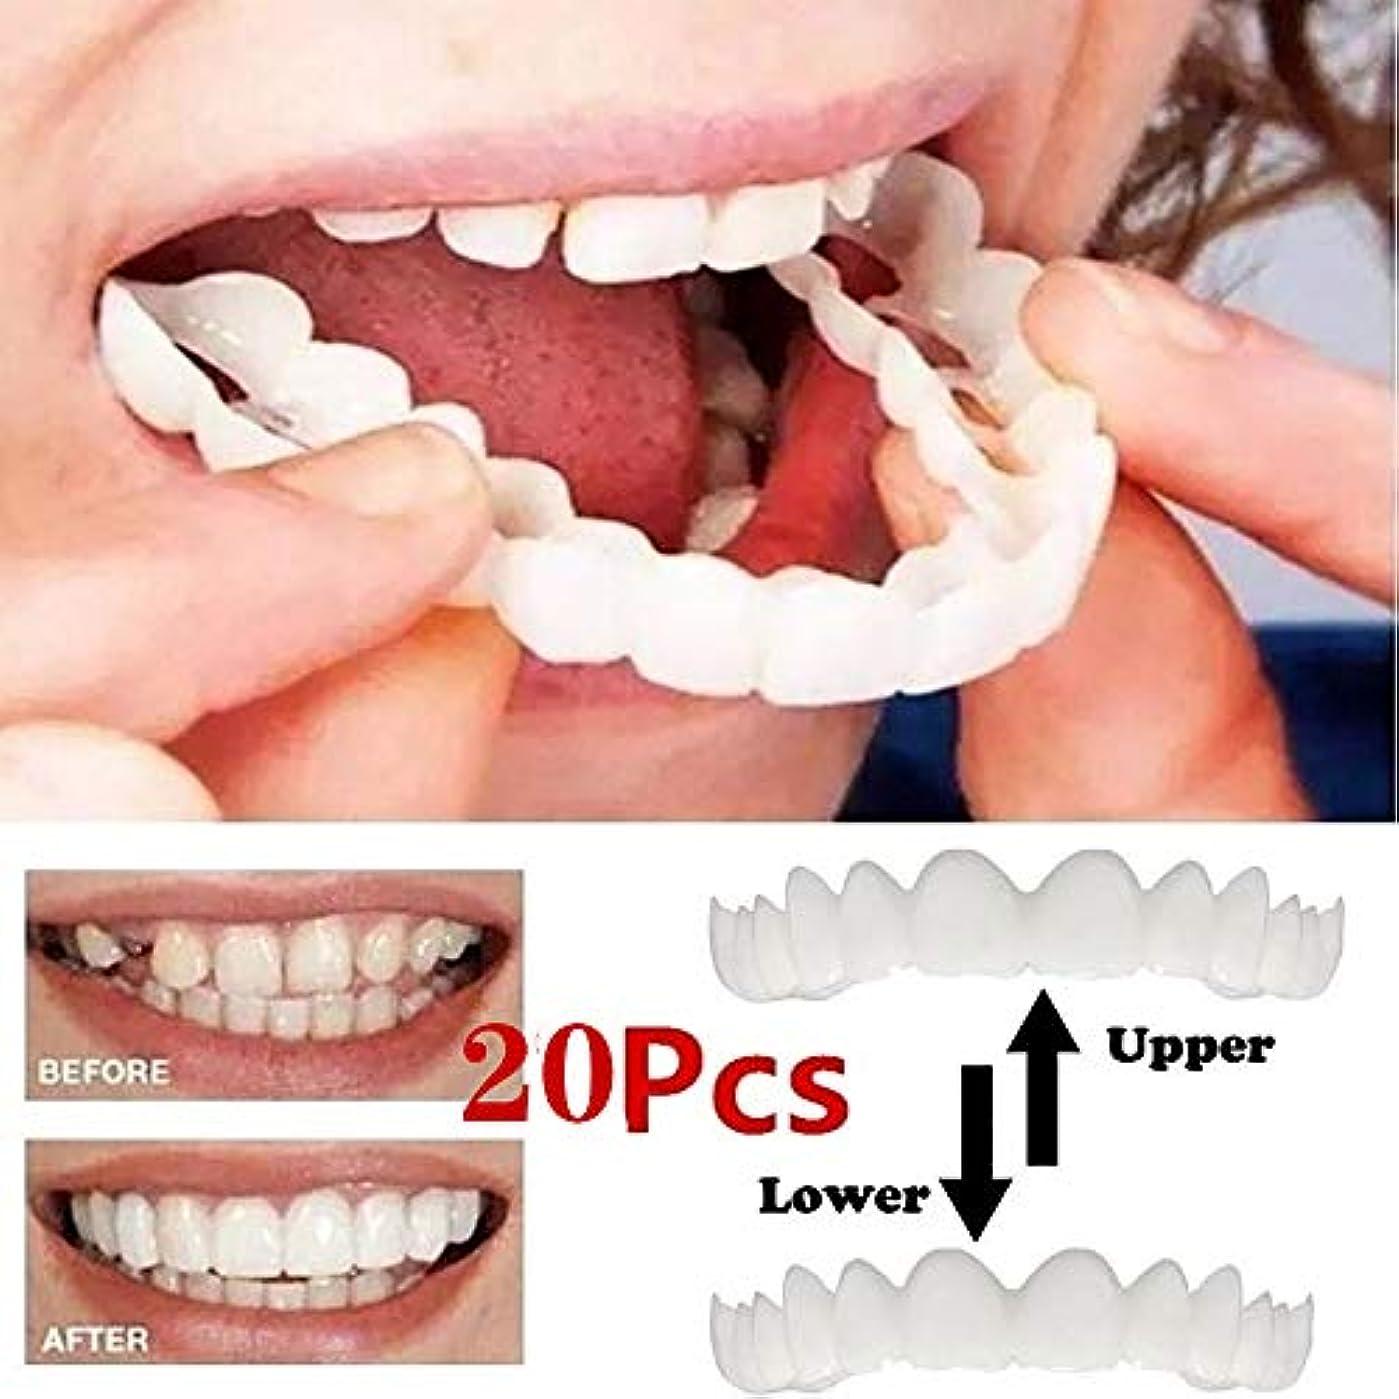 ひいきにするエレメンタル健康的突き板の歯、化粧品の歯 - 一時的な笑顔の快適さフィットフレックス化粧品の歯、偽歯、快適な上と下のベニヤ - 歯のベニヤ(10 /下+ / 10トップ)